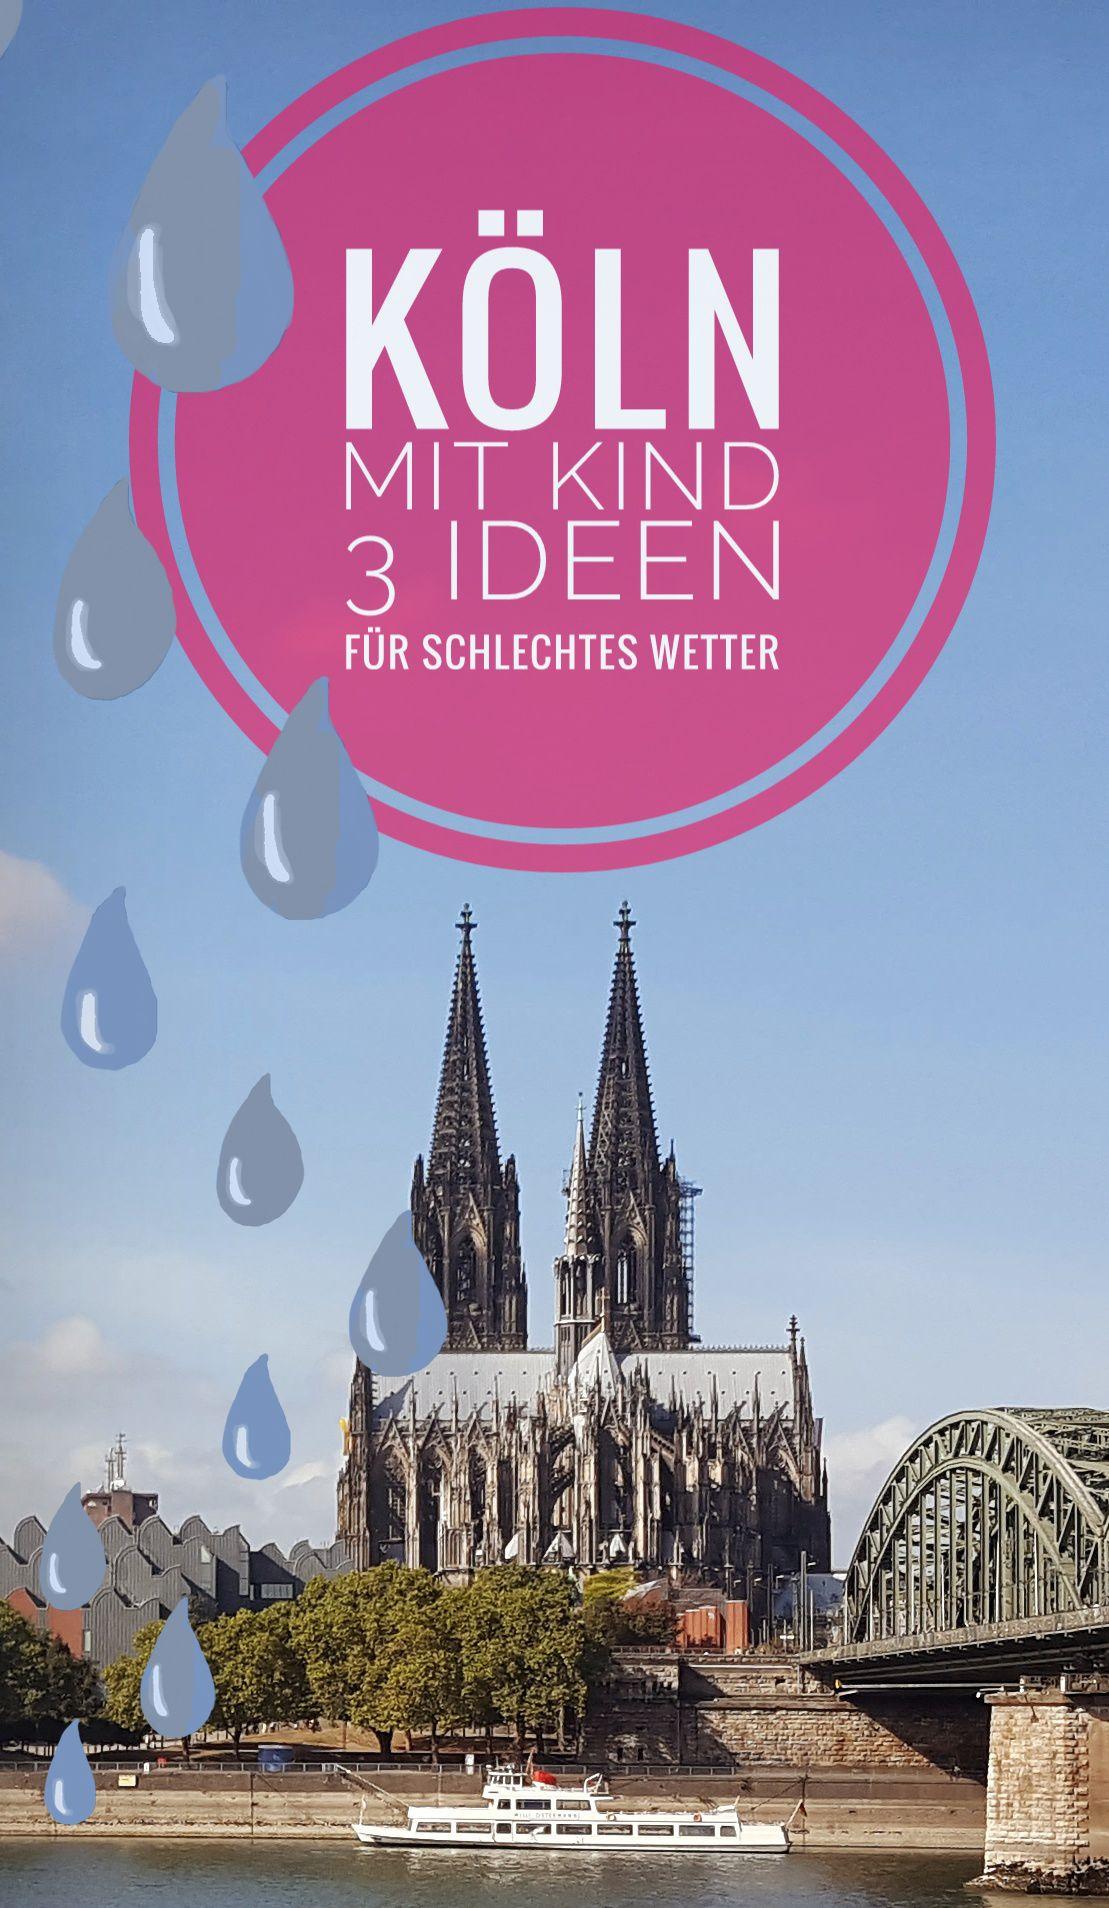 Köln Mit Kind 3 2 Unternehmungen Bei Schlechtem Wetter Reisen